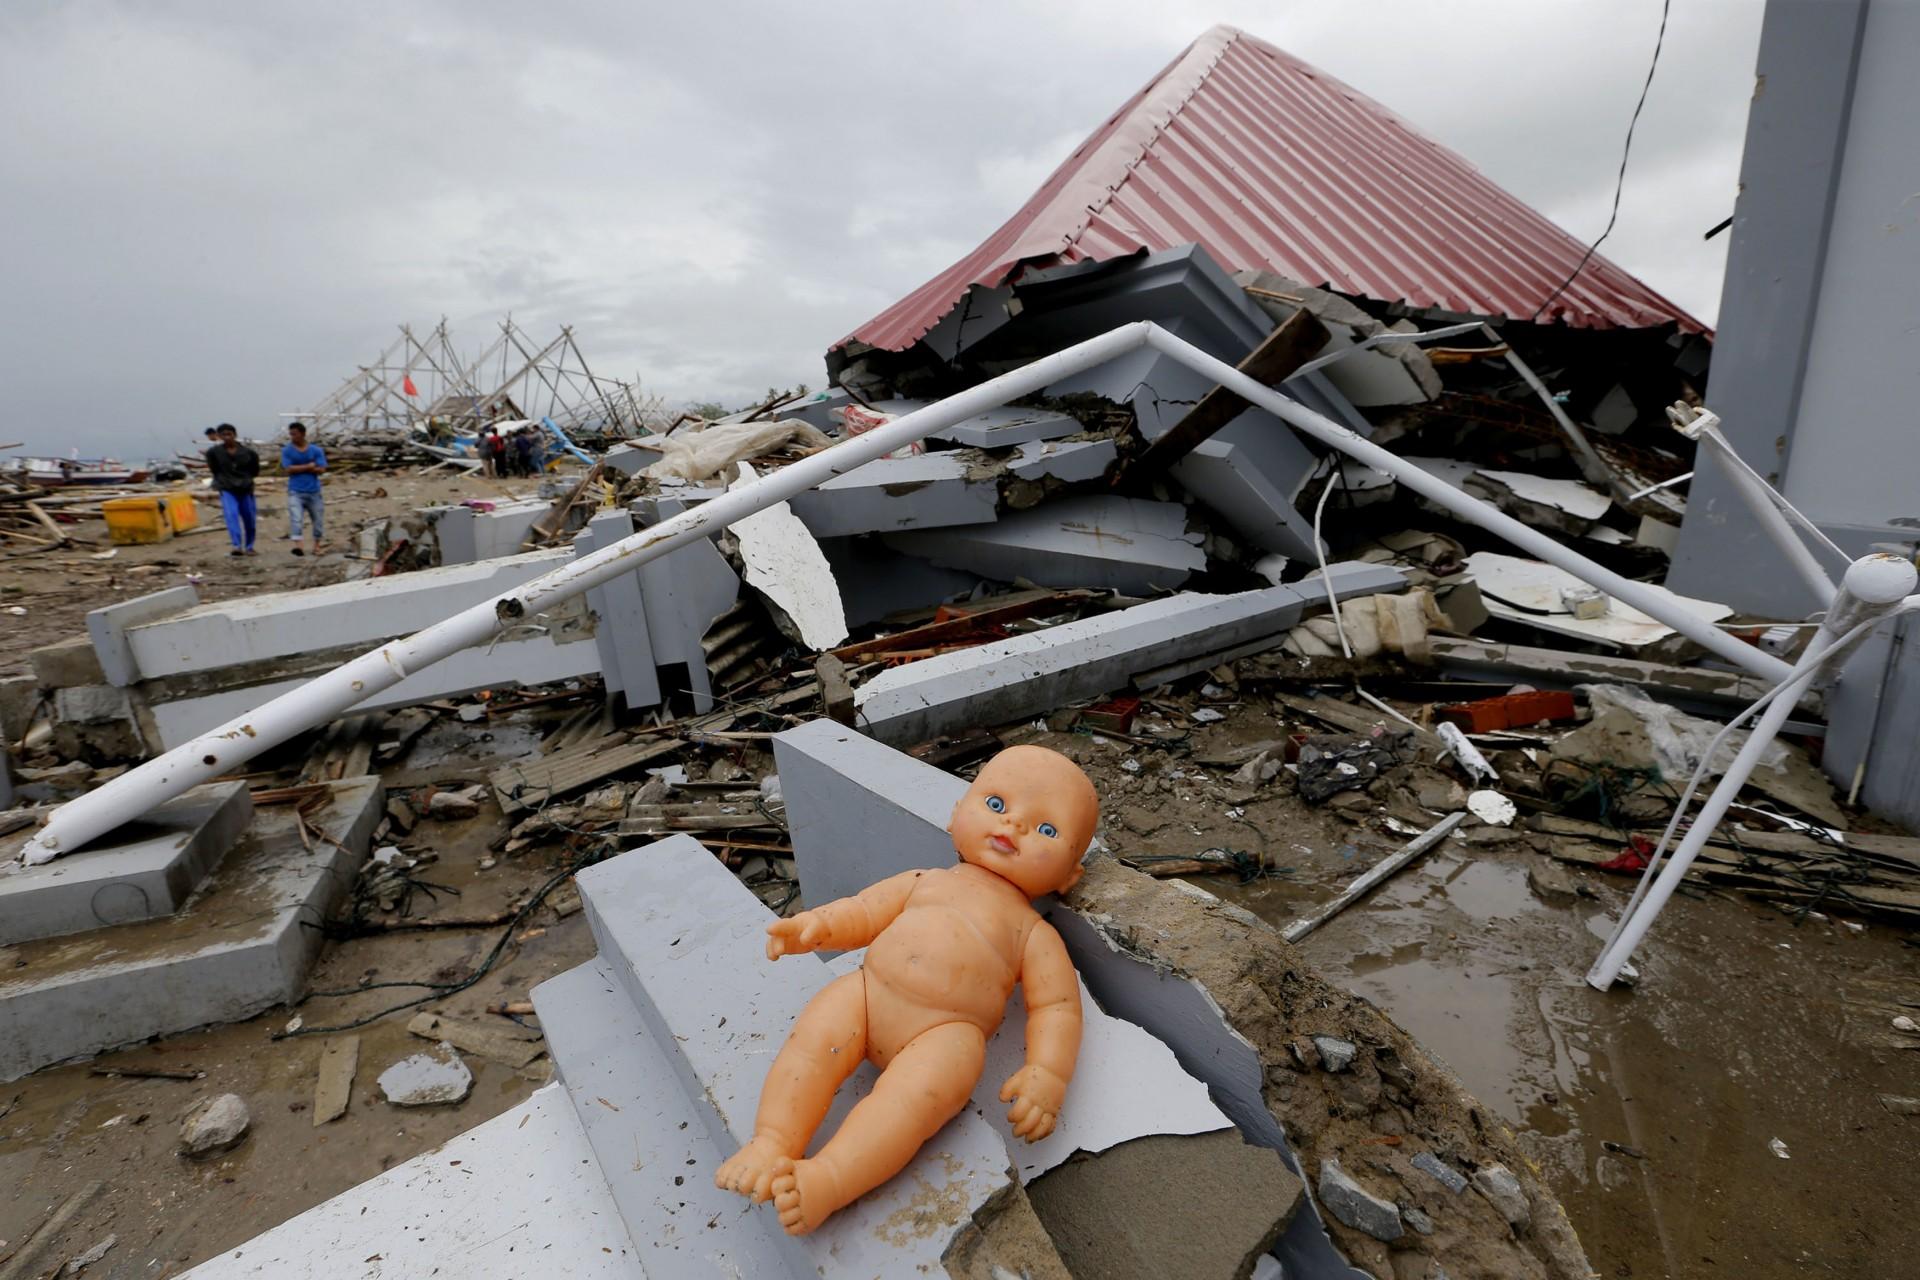 Una muñeca descansa frente a una casa dañada después del tsunami en Sumur, Indonesia, el martes 25 de diciembre de 2018.